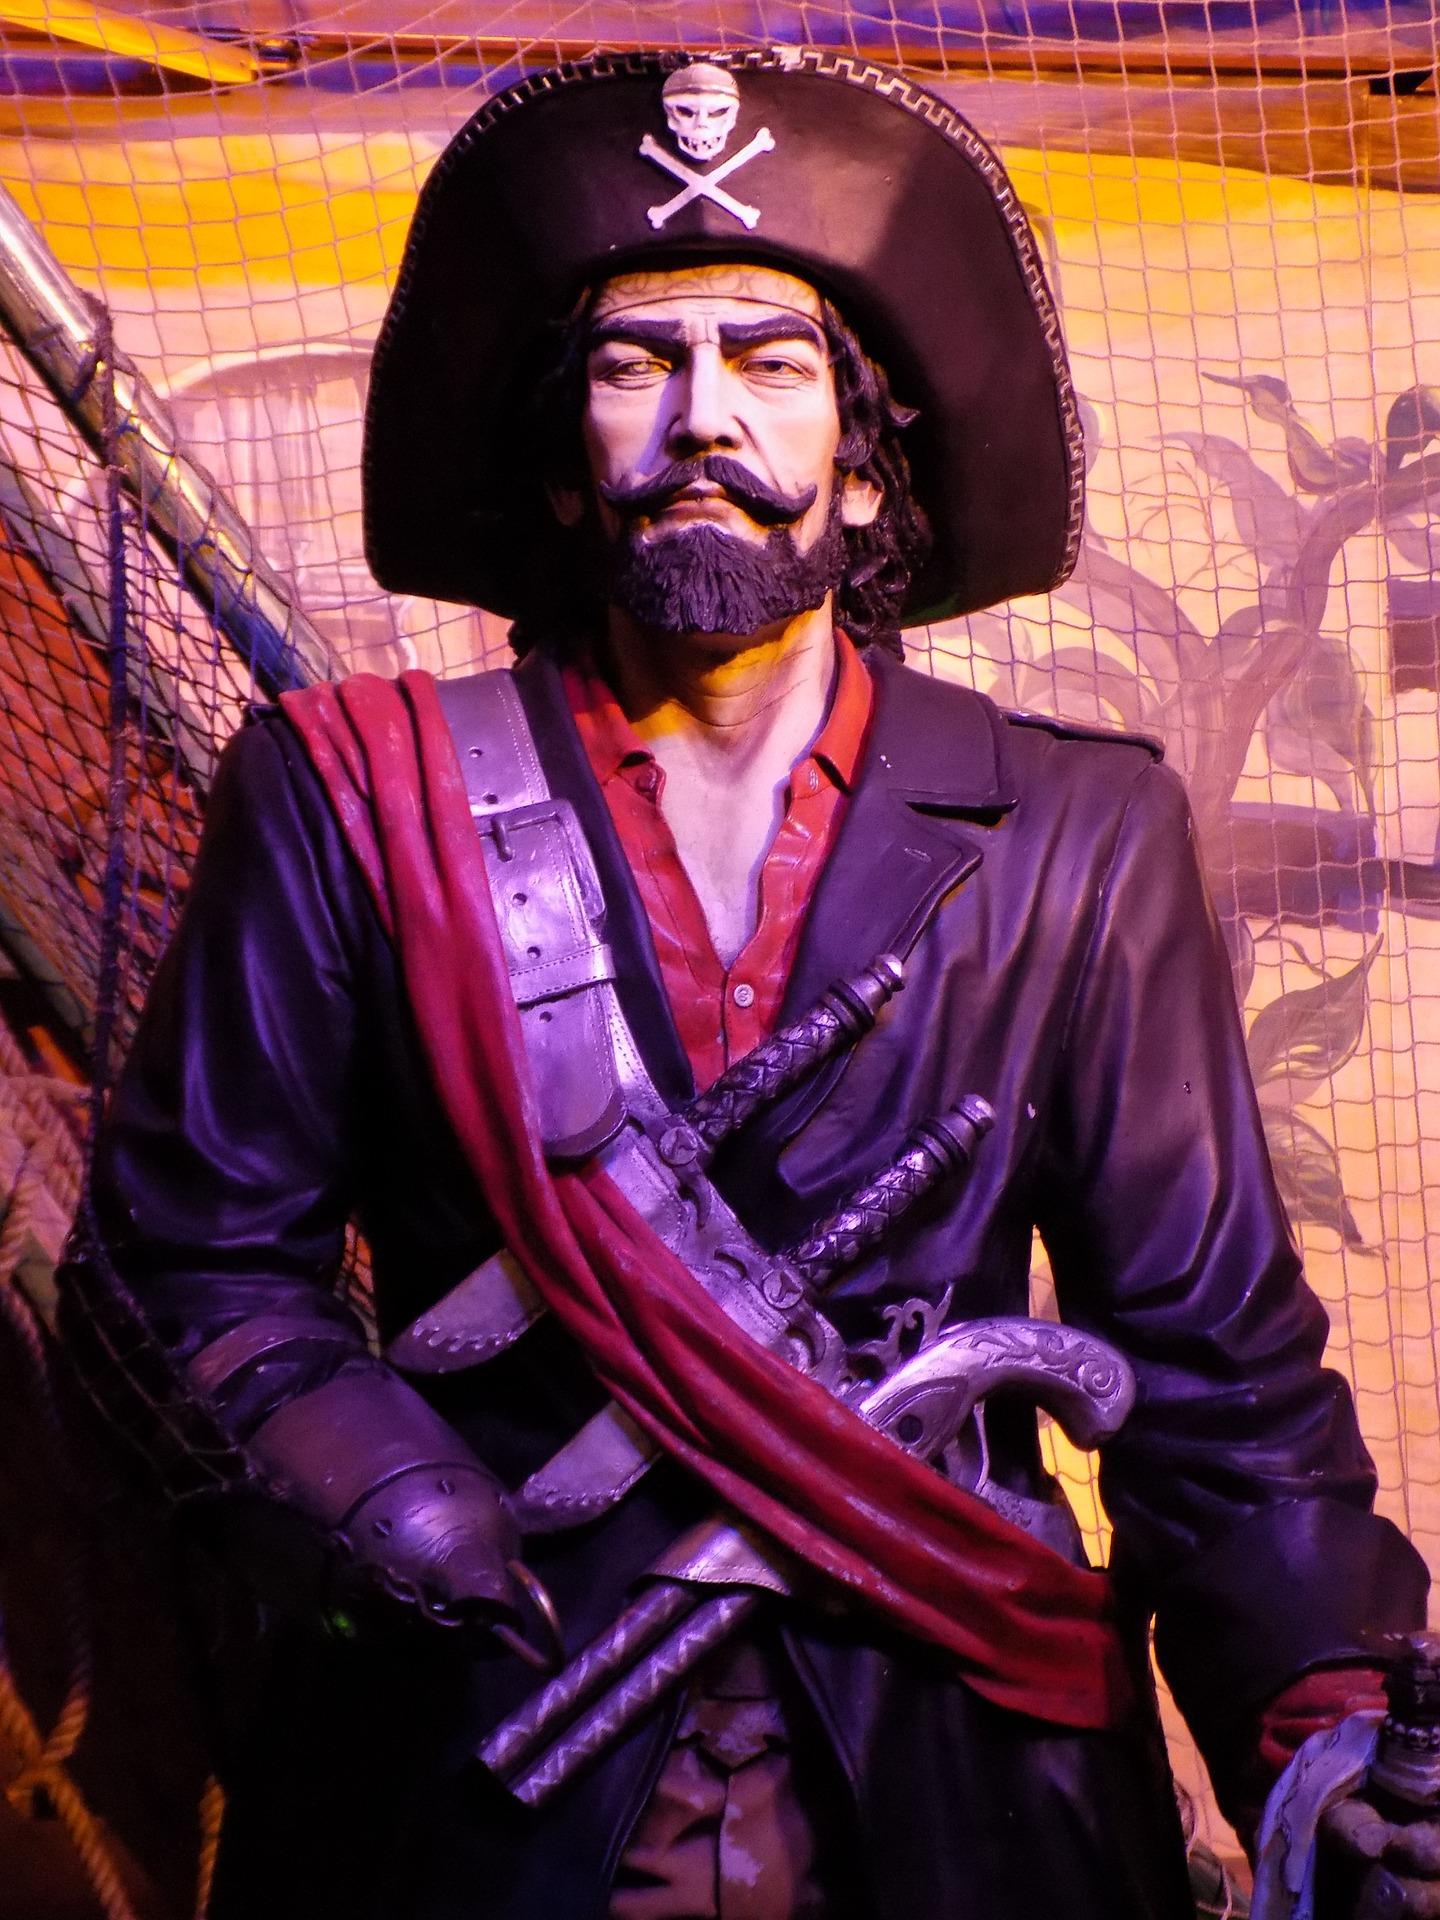 pirate-1730149_1920